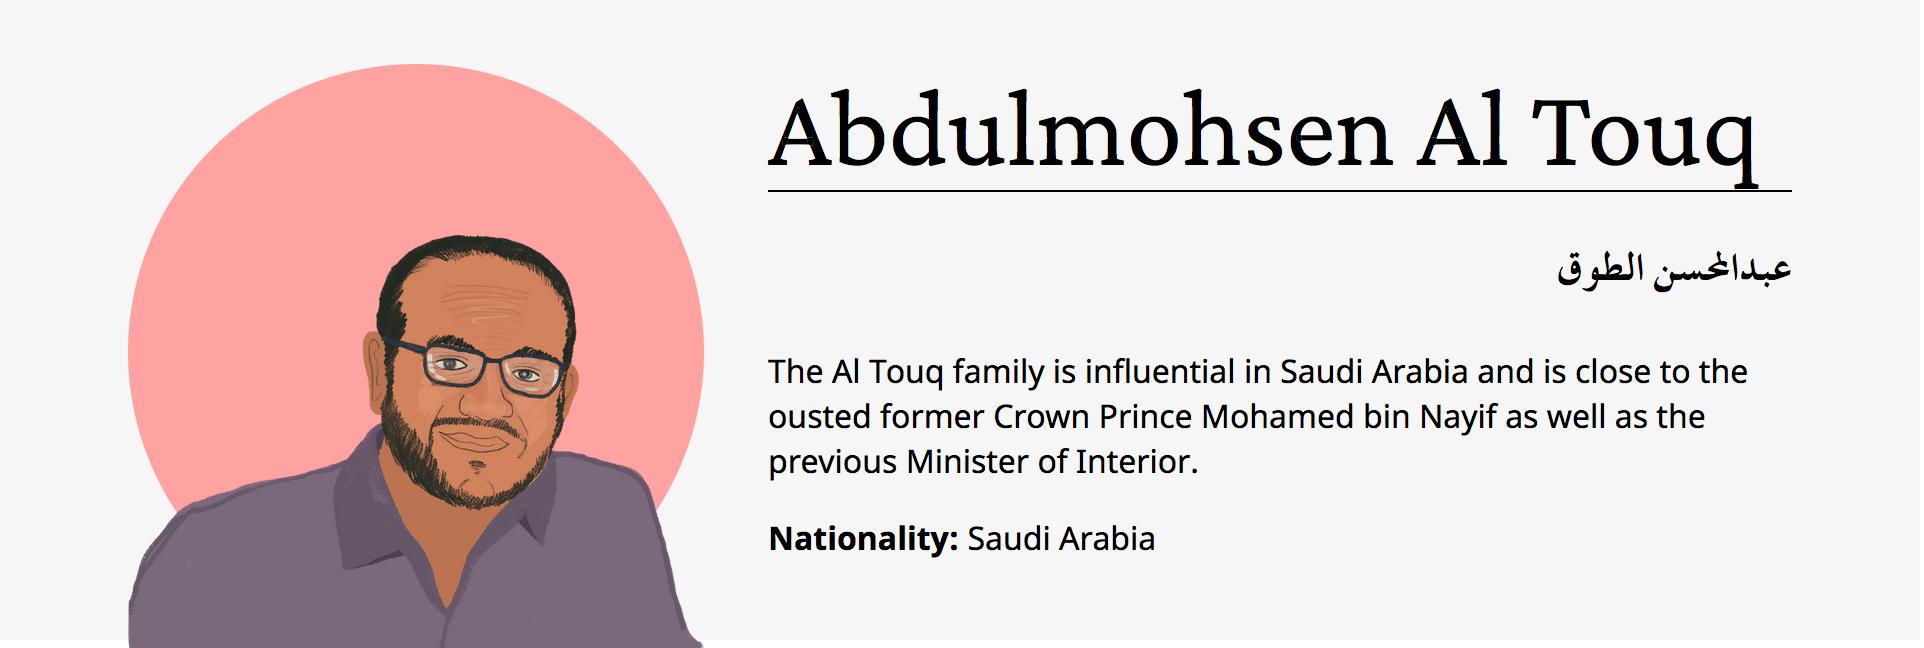 Al Touq